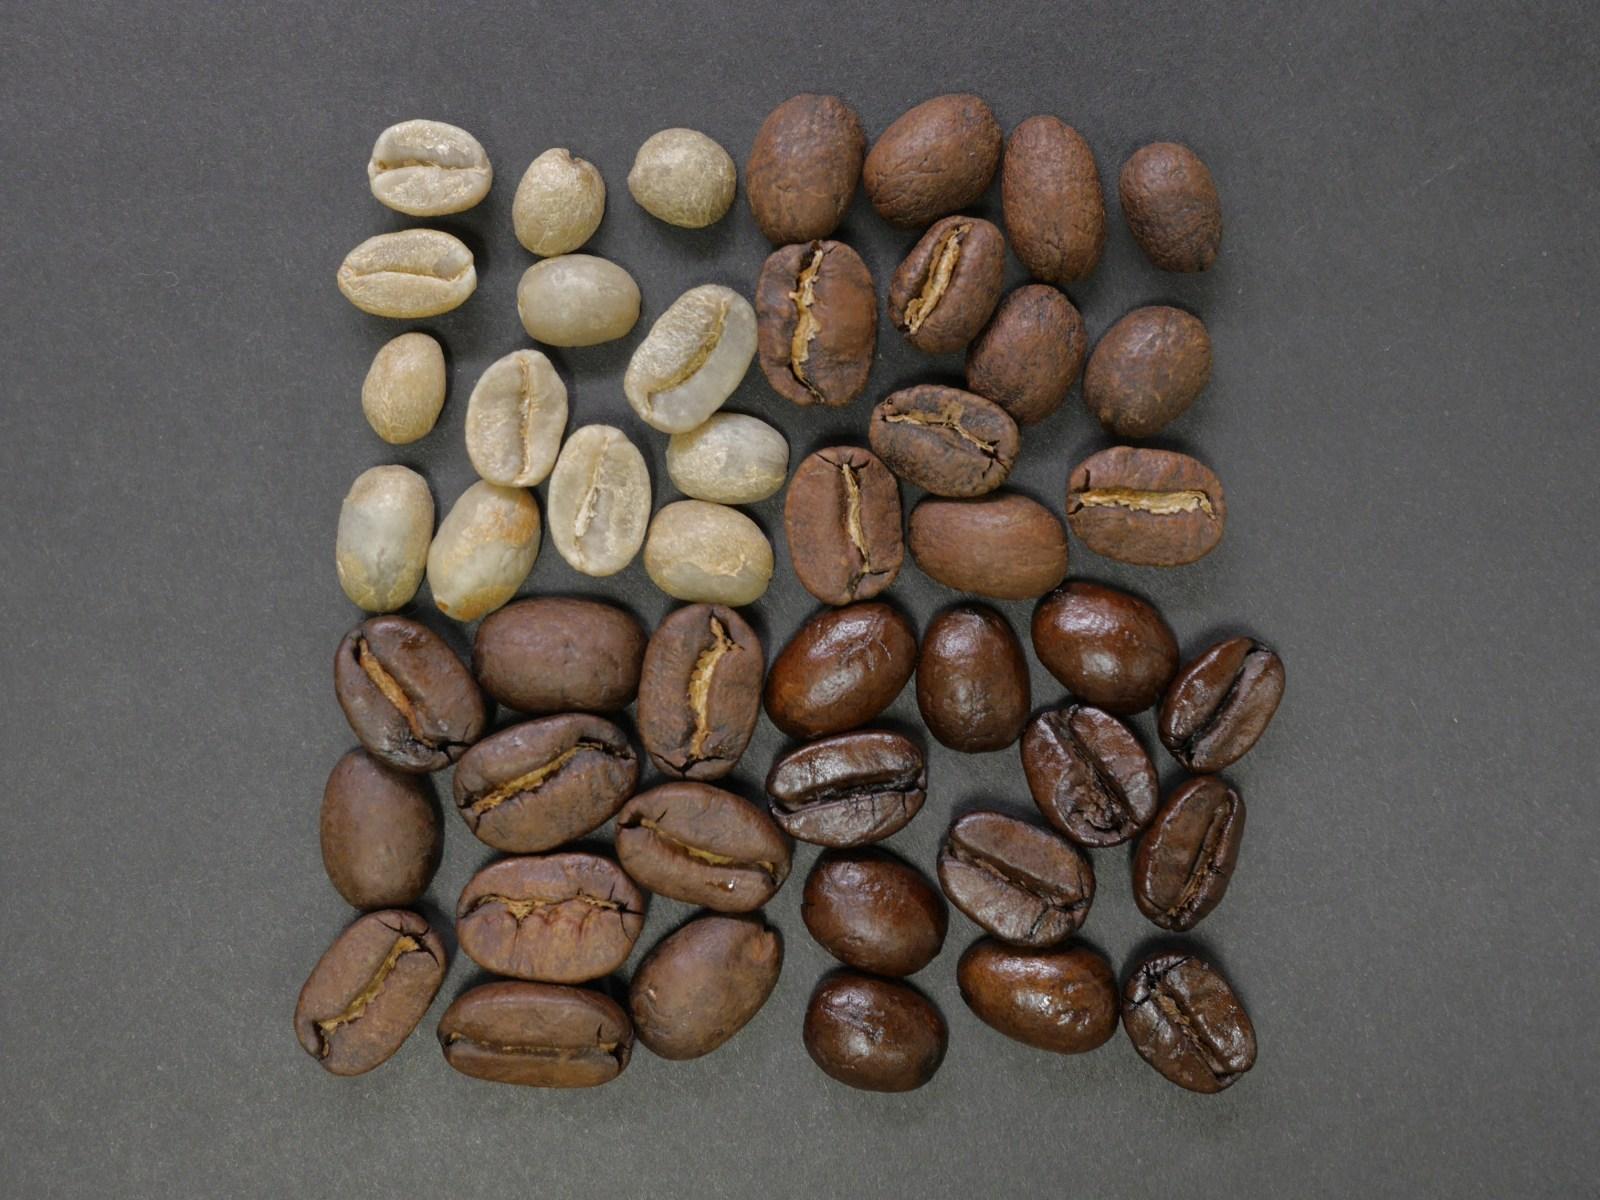 全自動タイプのコーヒーメーカー(パナソニック製)を使い始めました